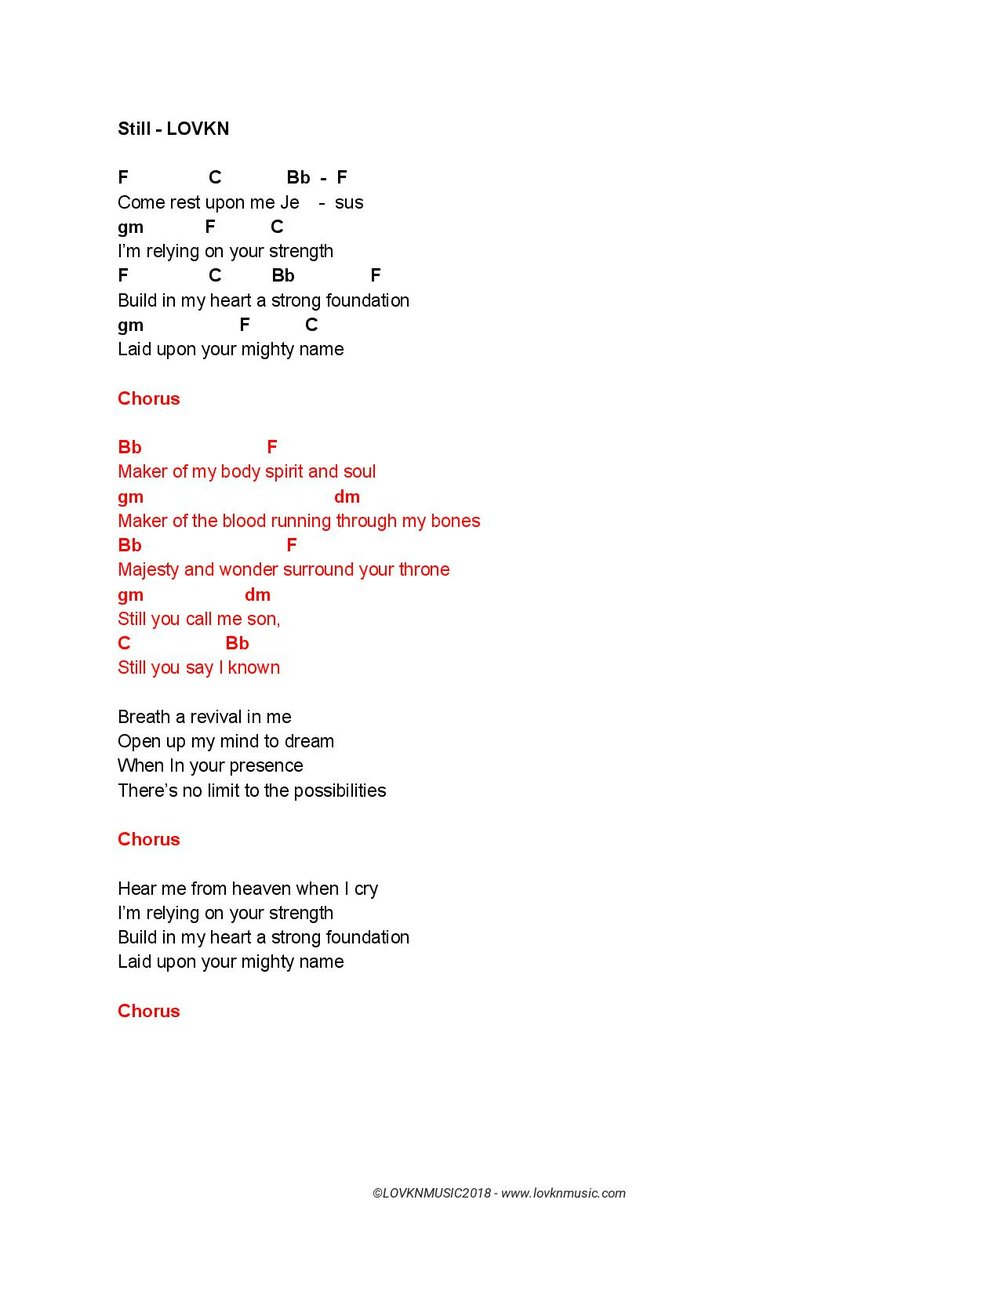 Still Chords-page-001.jpg